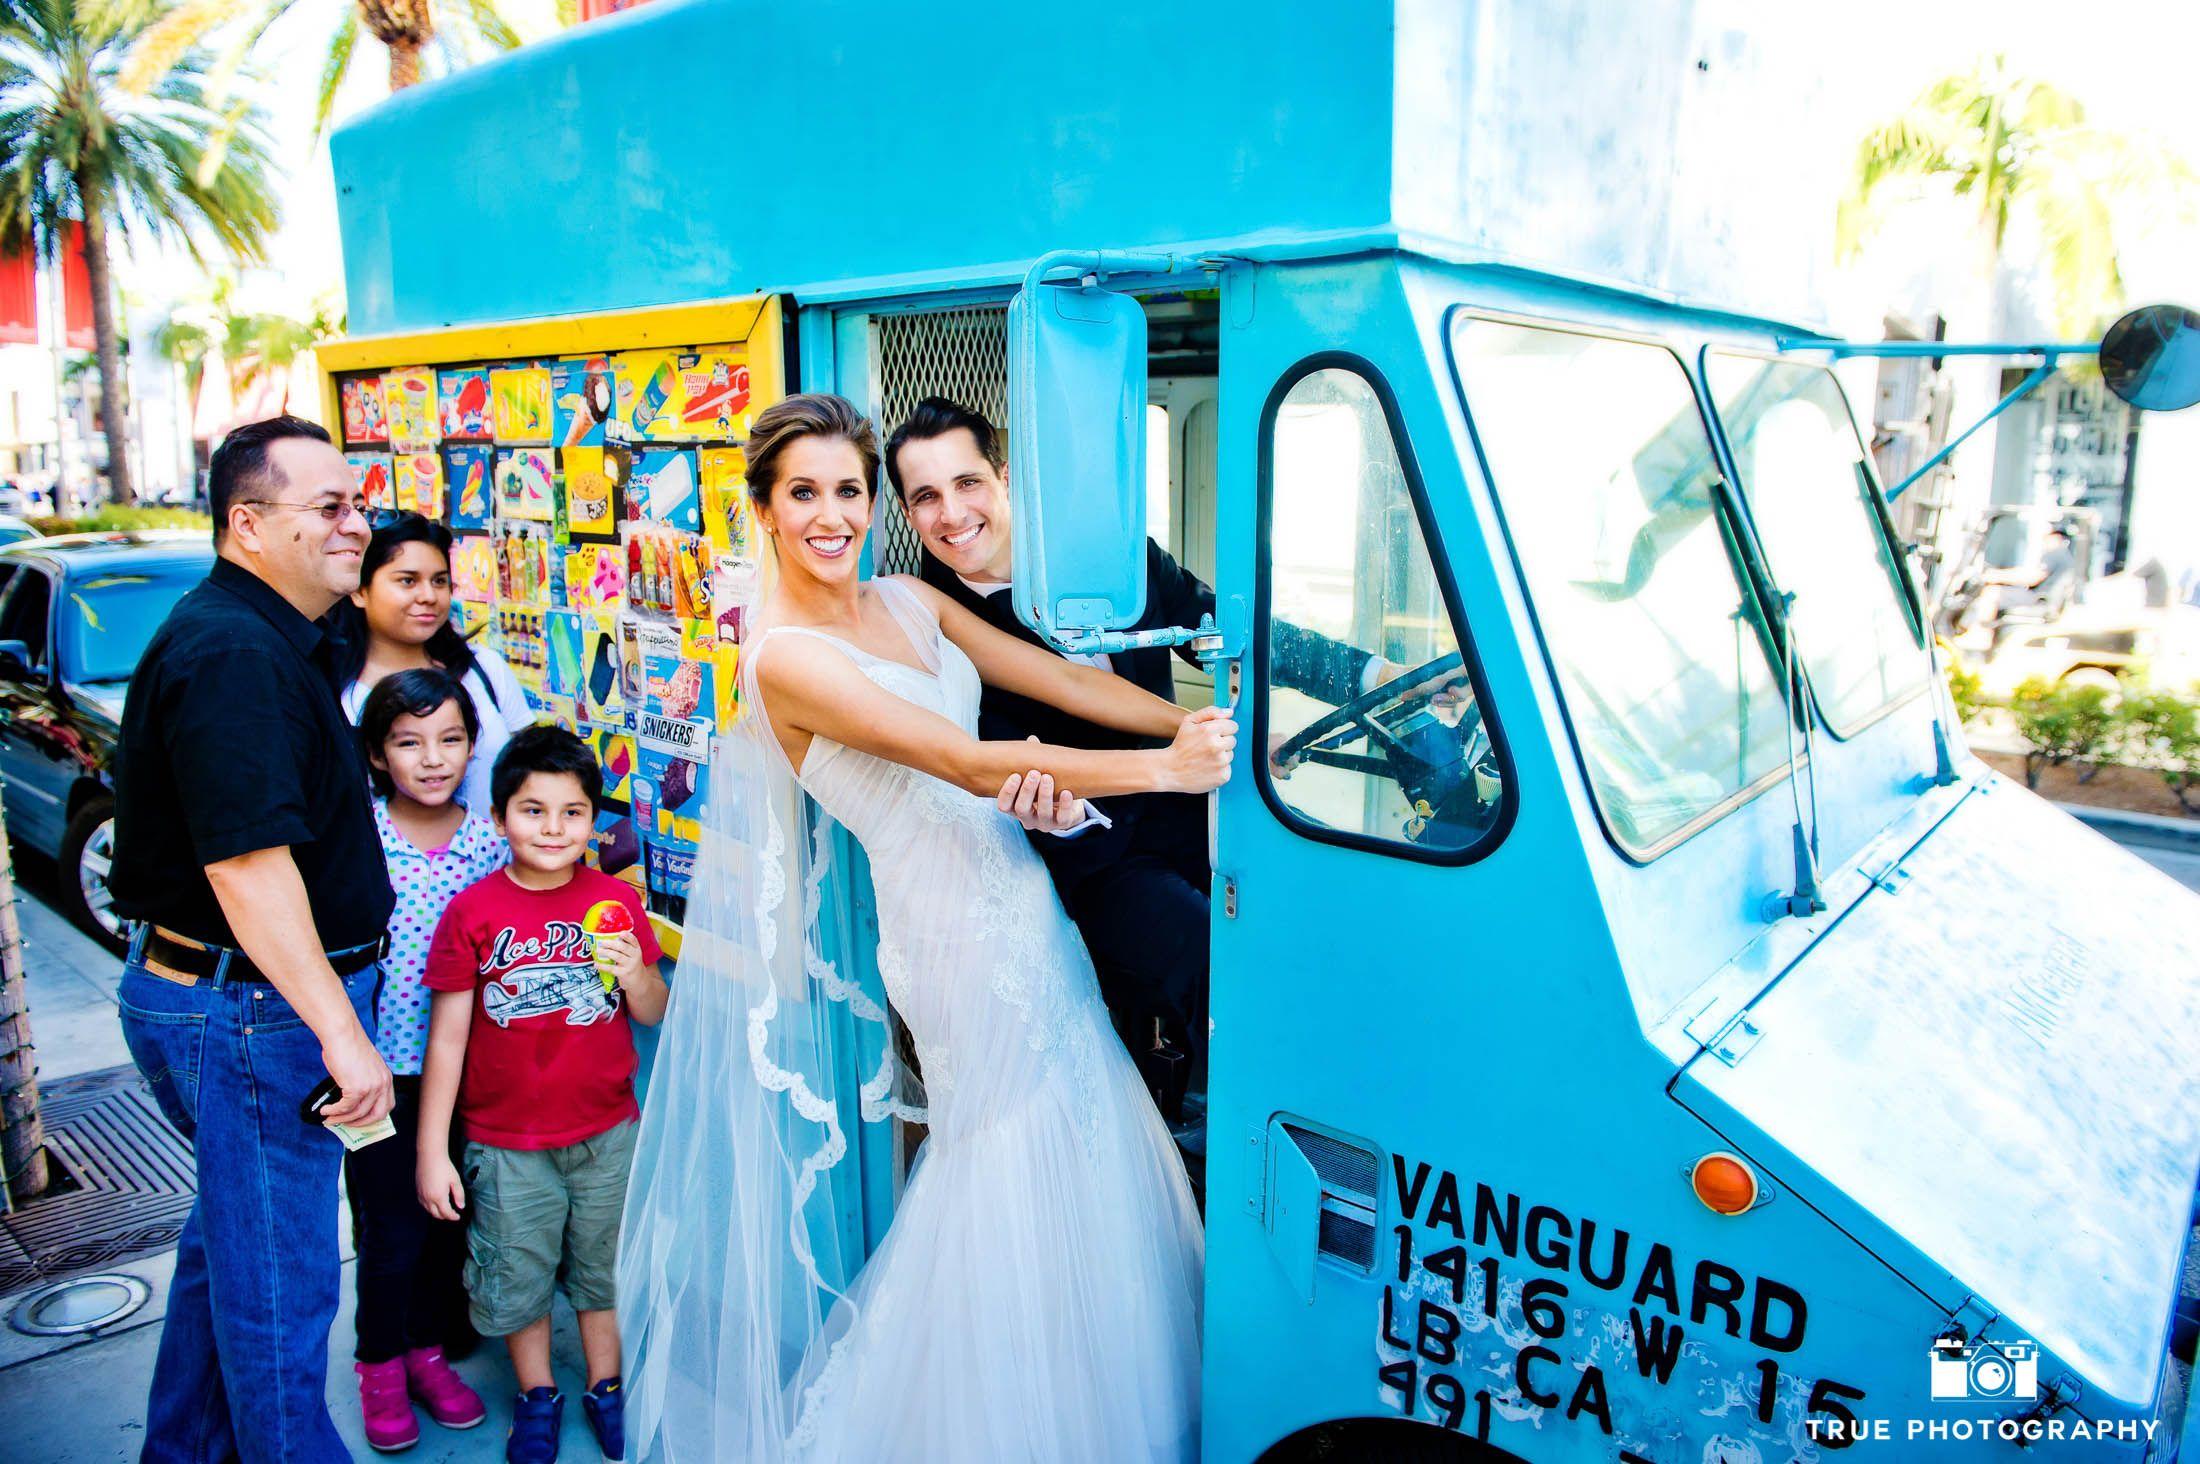 Bride and Groom stand in door of ice cream truck after wedding ...